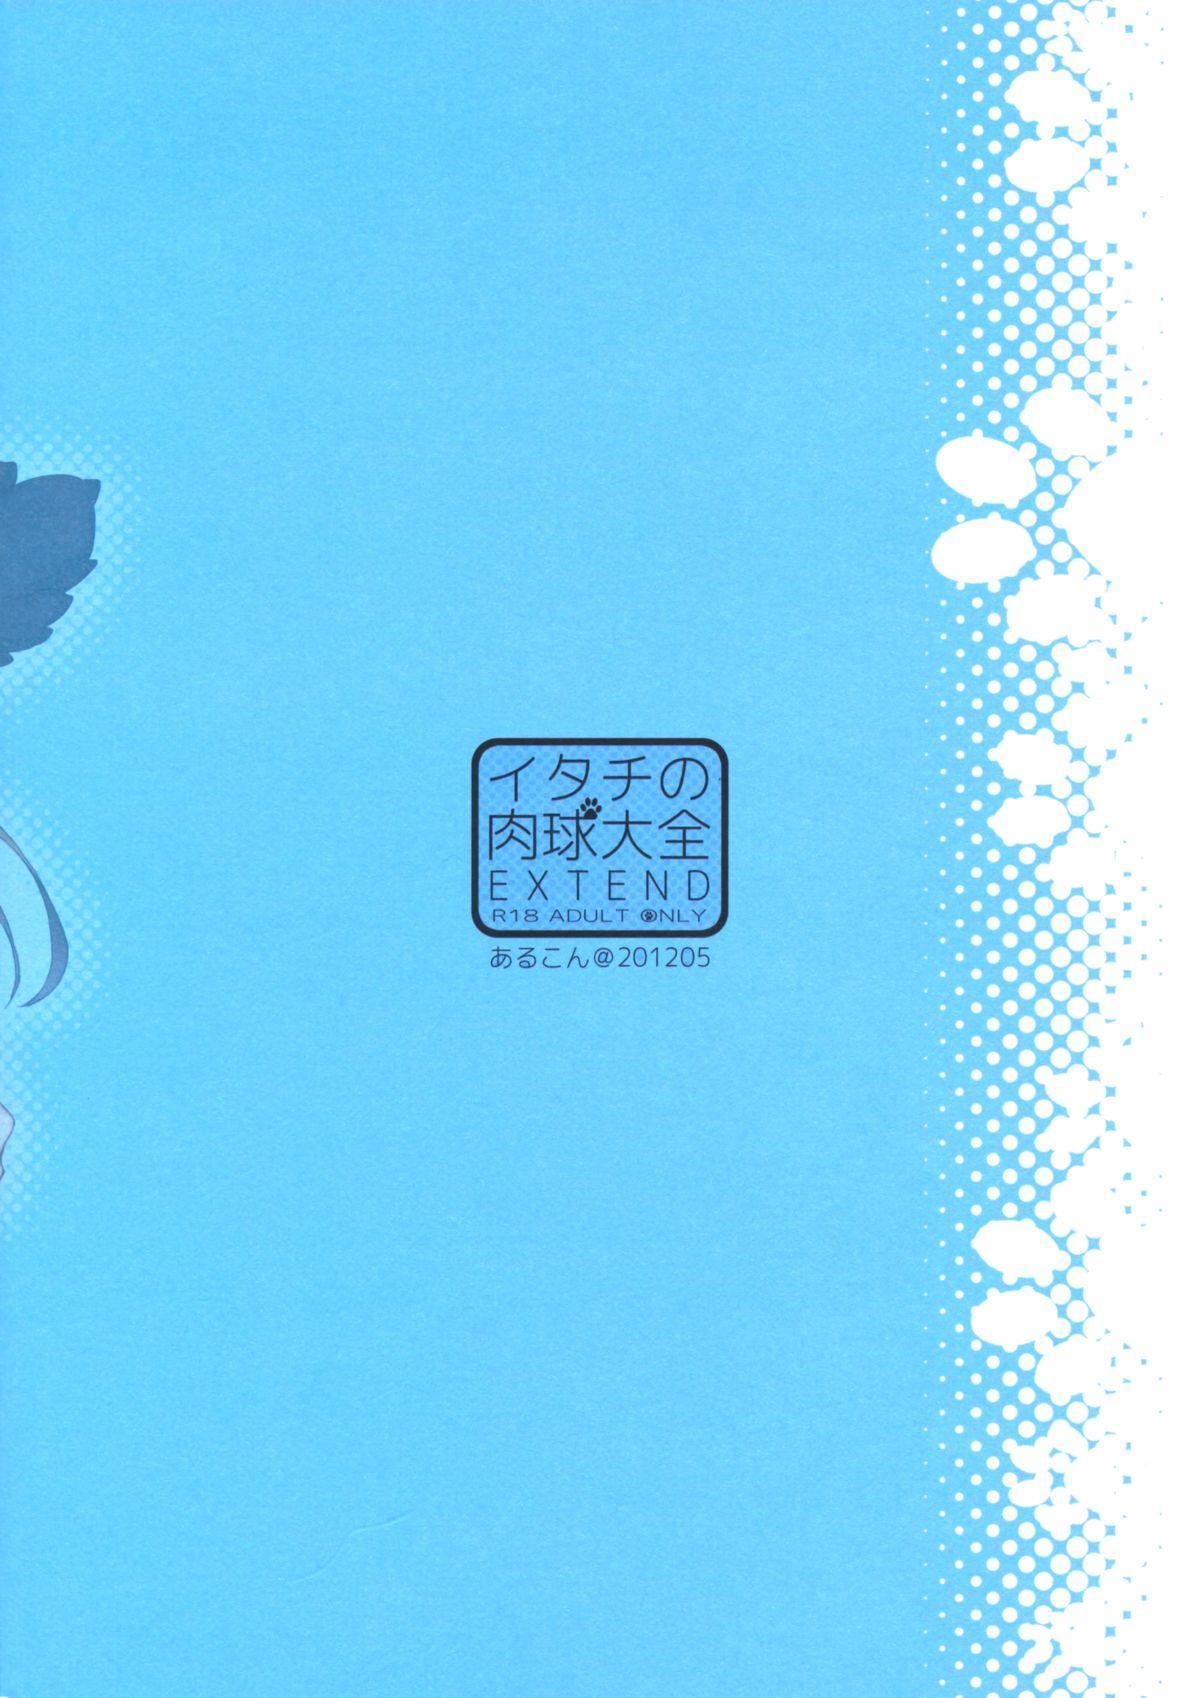 Itachi no Nikukyuu Taizen EXTEND 1